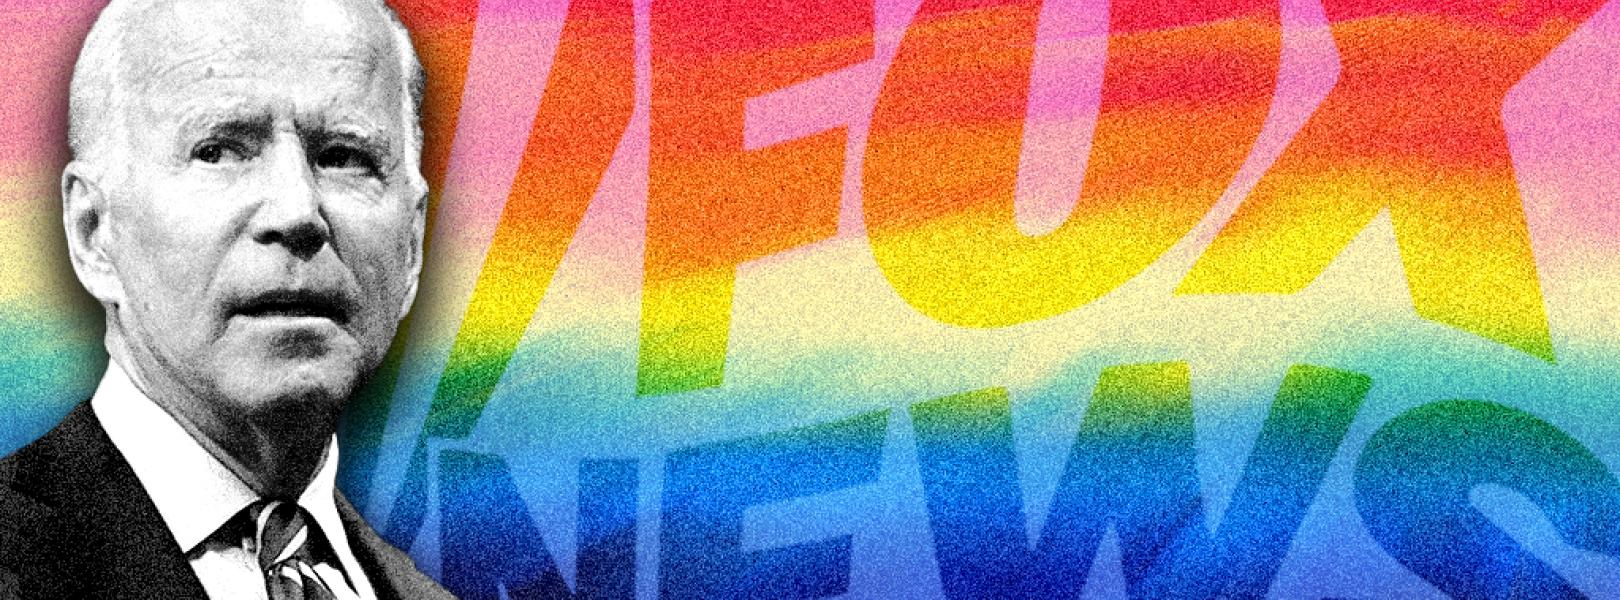 Biden LGBTQ